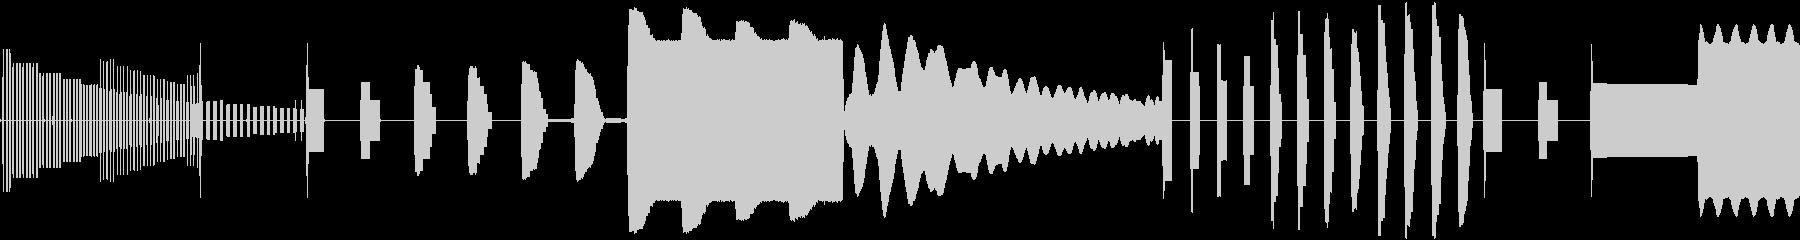 変動する電子レーダー警告スキャンの未再生の波形